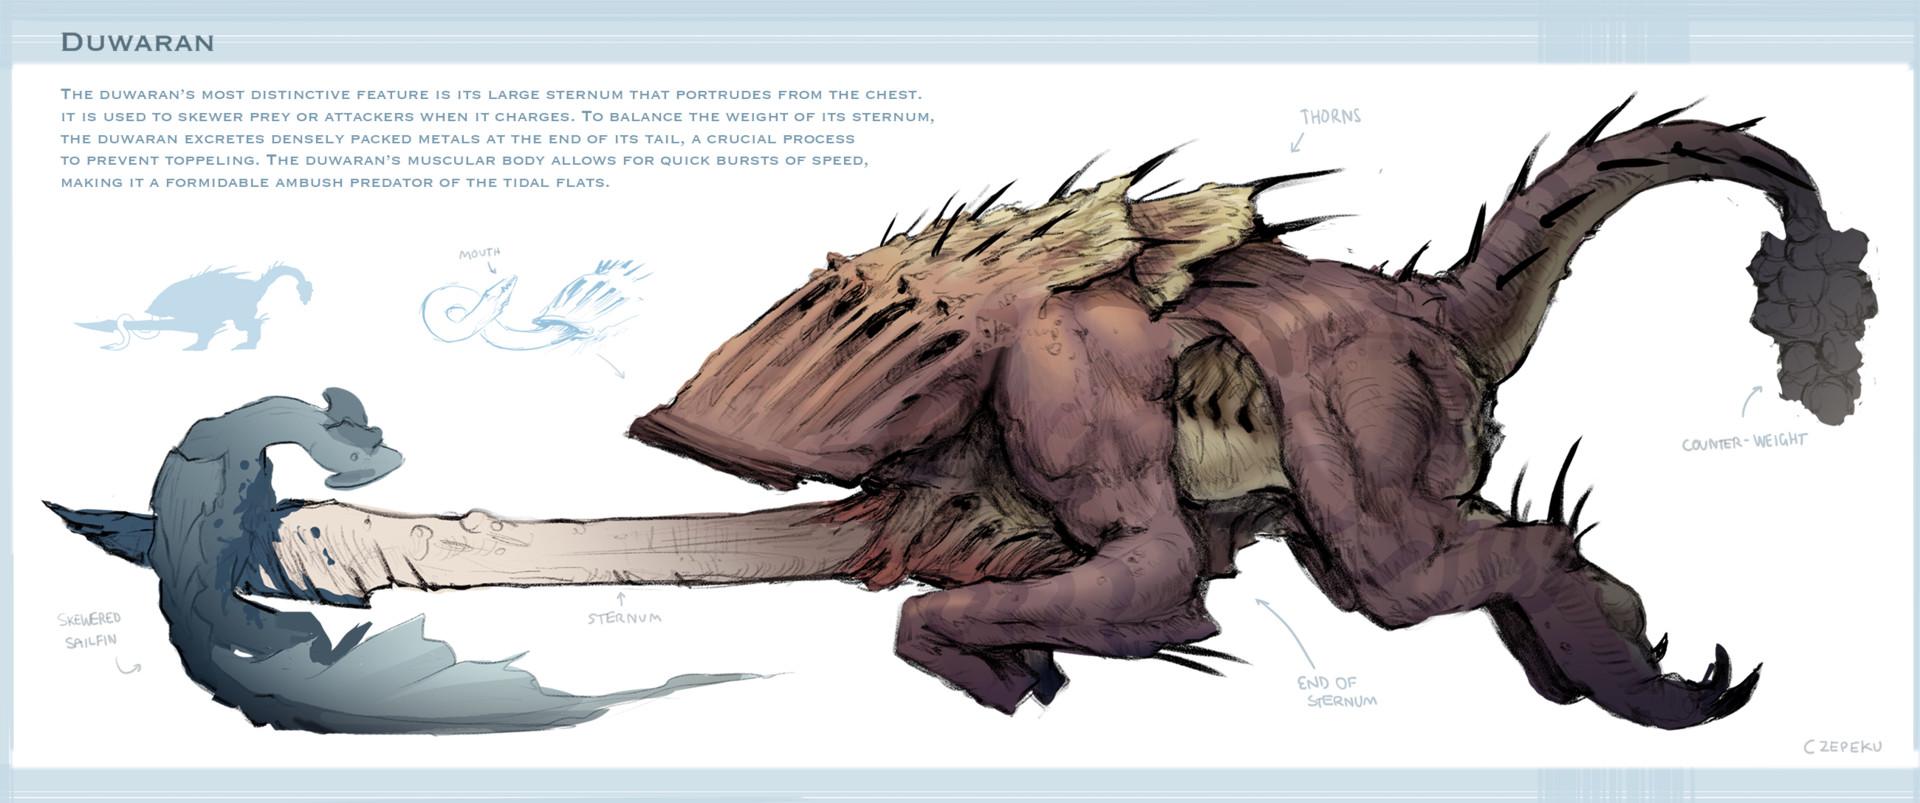 Cze peku sternum creature by czepeku dce13u7